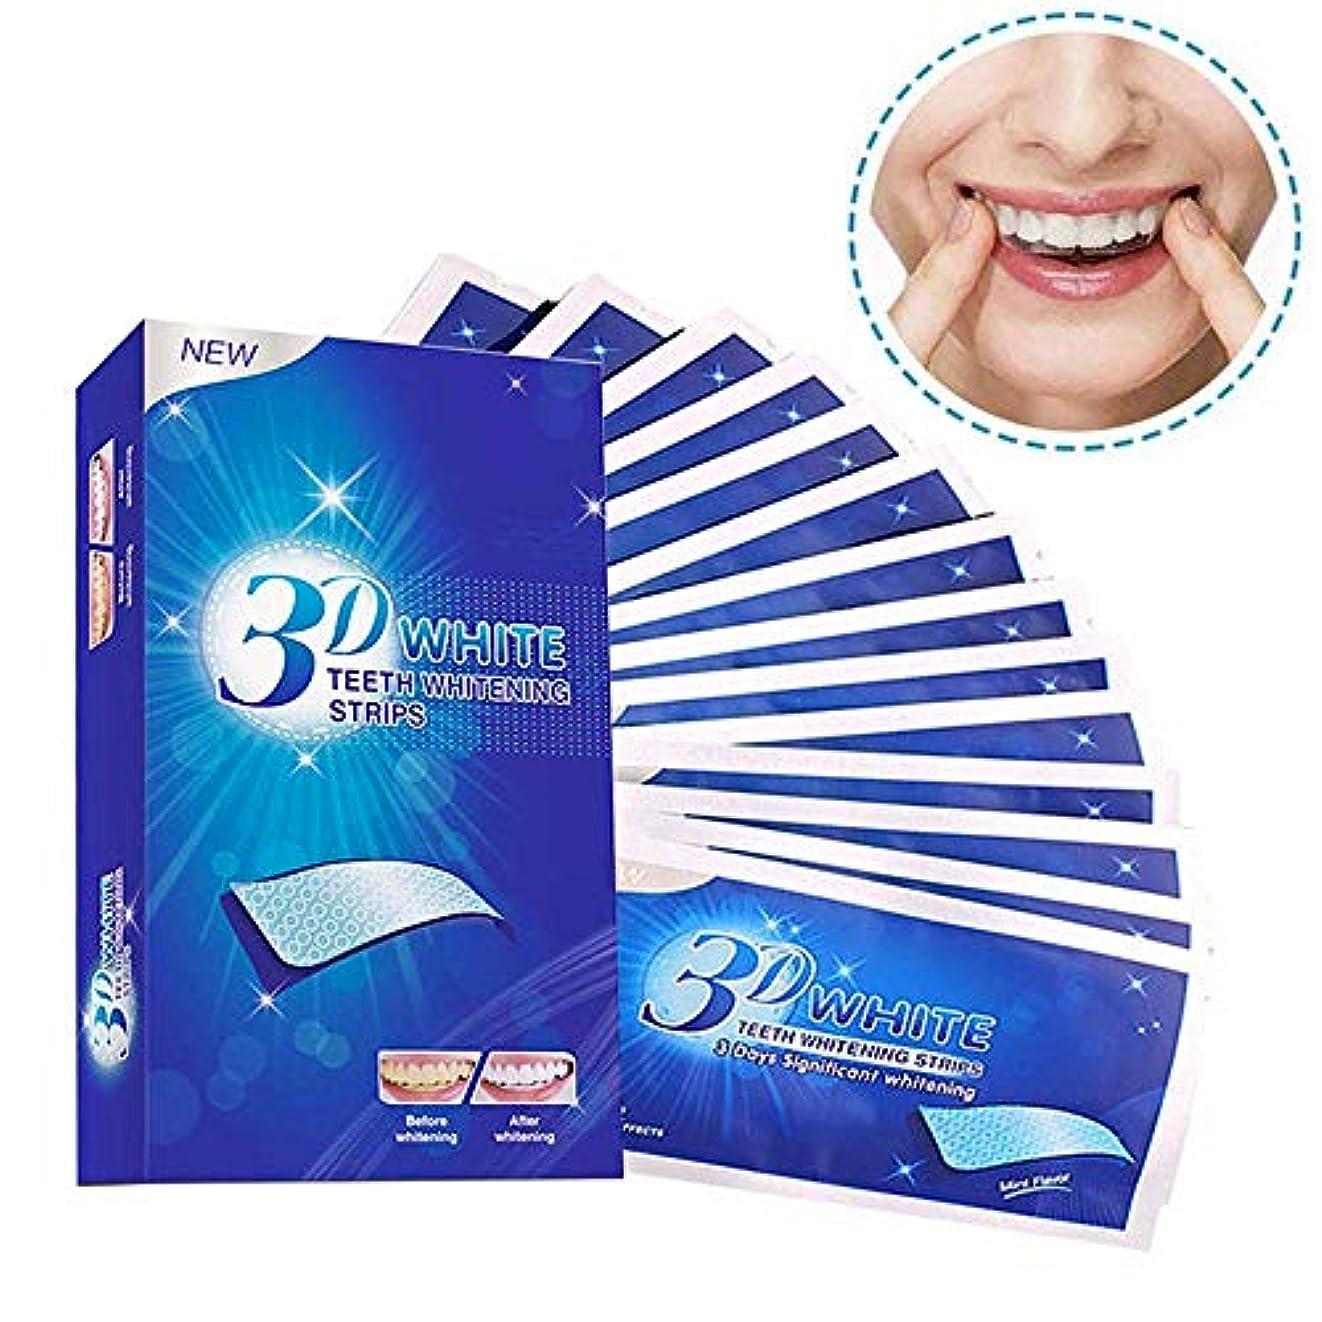 あいにくレーザ志す歯 美白 ホワイトニング マニキュア 歯ケア 歯のホワイトニング 美白歯磨き 歯を白 ホワイトニングテープ 歯を漂白 7セット/14枚 (7セット/14枚)